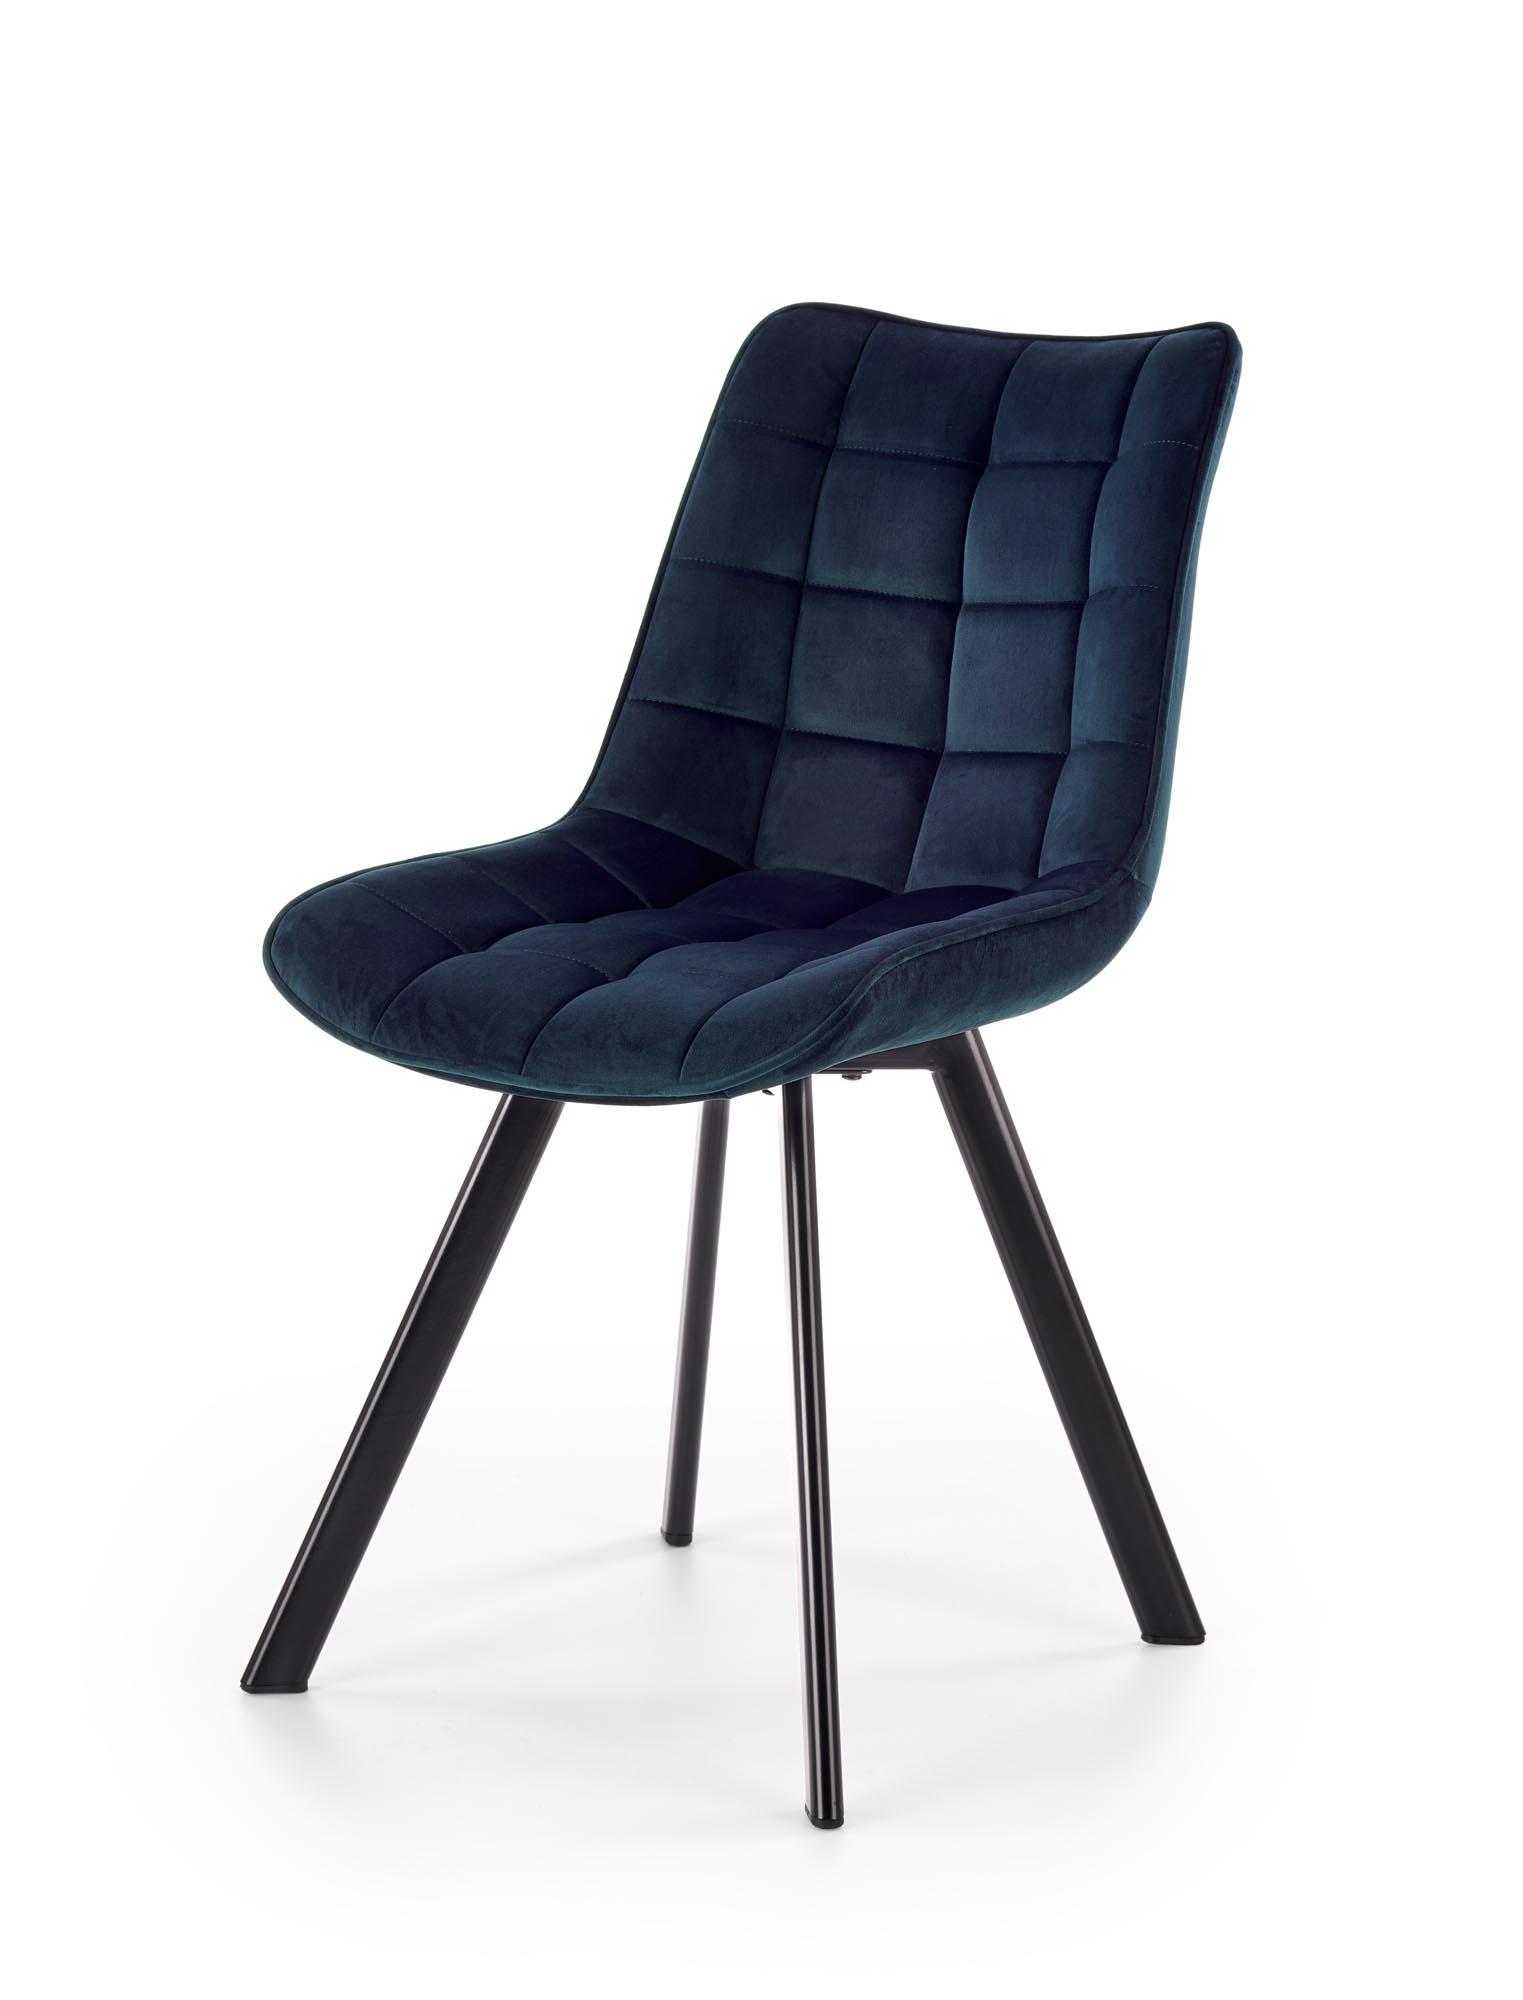 K332 krzesło nogi - czarne, siedzisko - granatowy (1p=2szt)